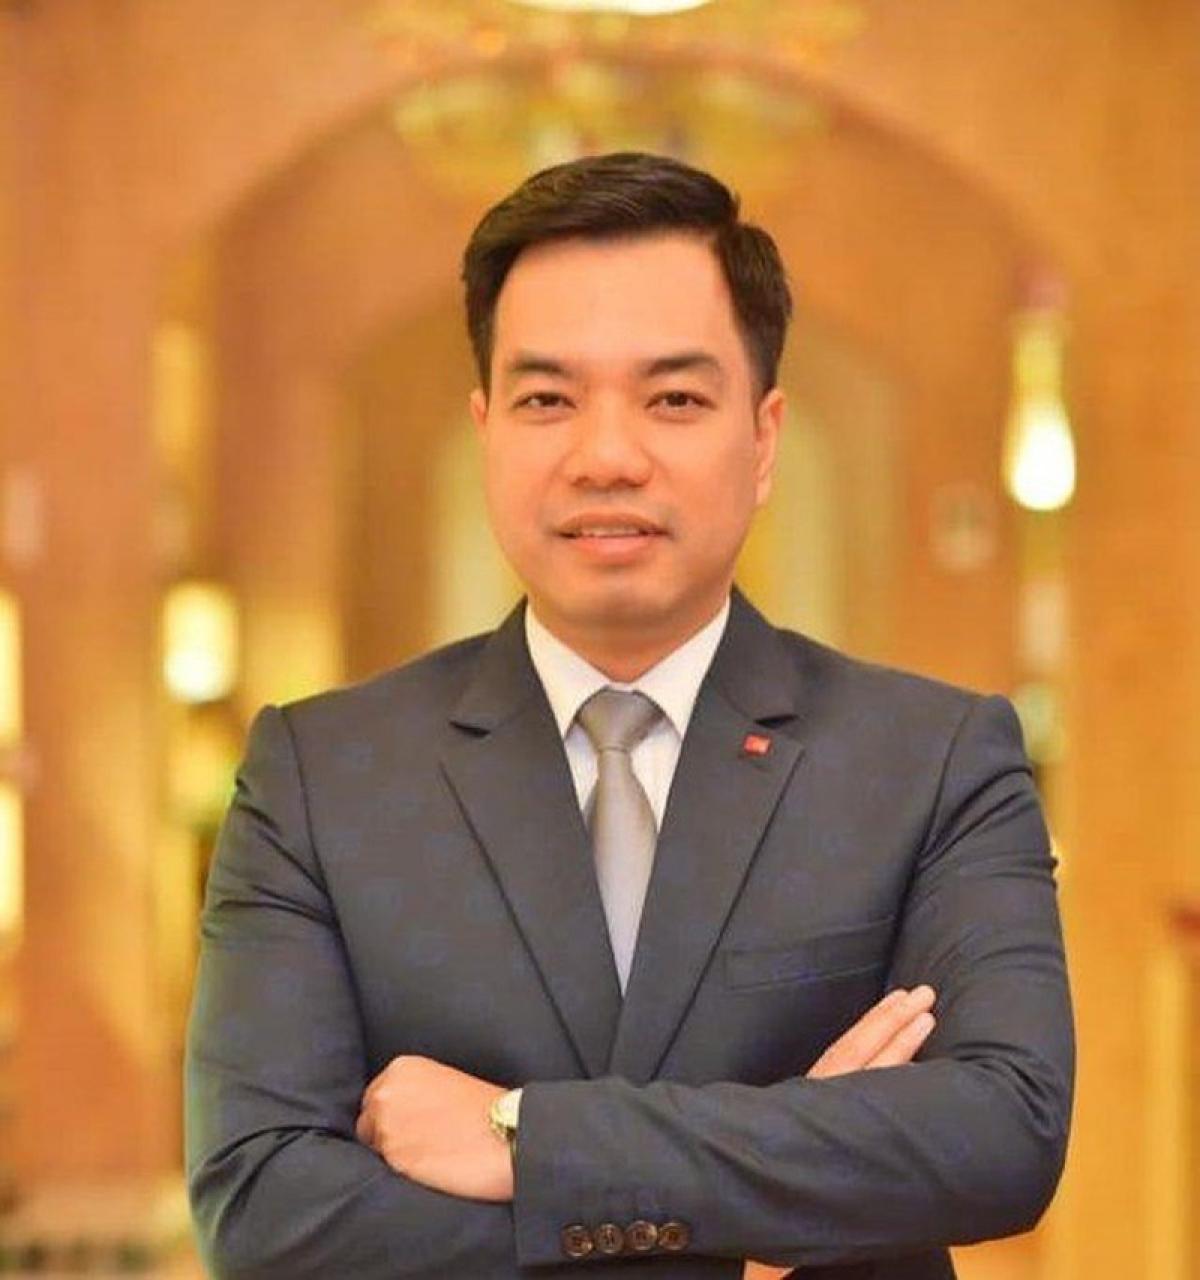 TS. Mạc Quốc Anh, Phó Chủ tịch kiêm Tổng thư ký Hiệp hội Doanh nghiệp nhỏ và vừa TP.Hà Nội (Ảnh: KT)